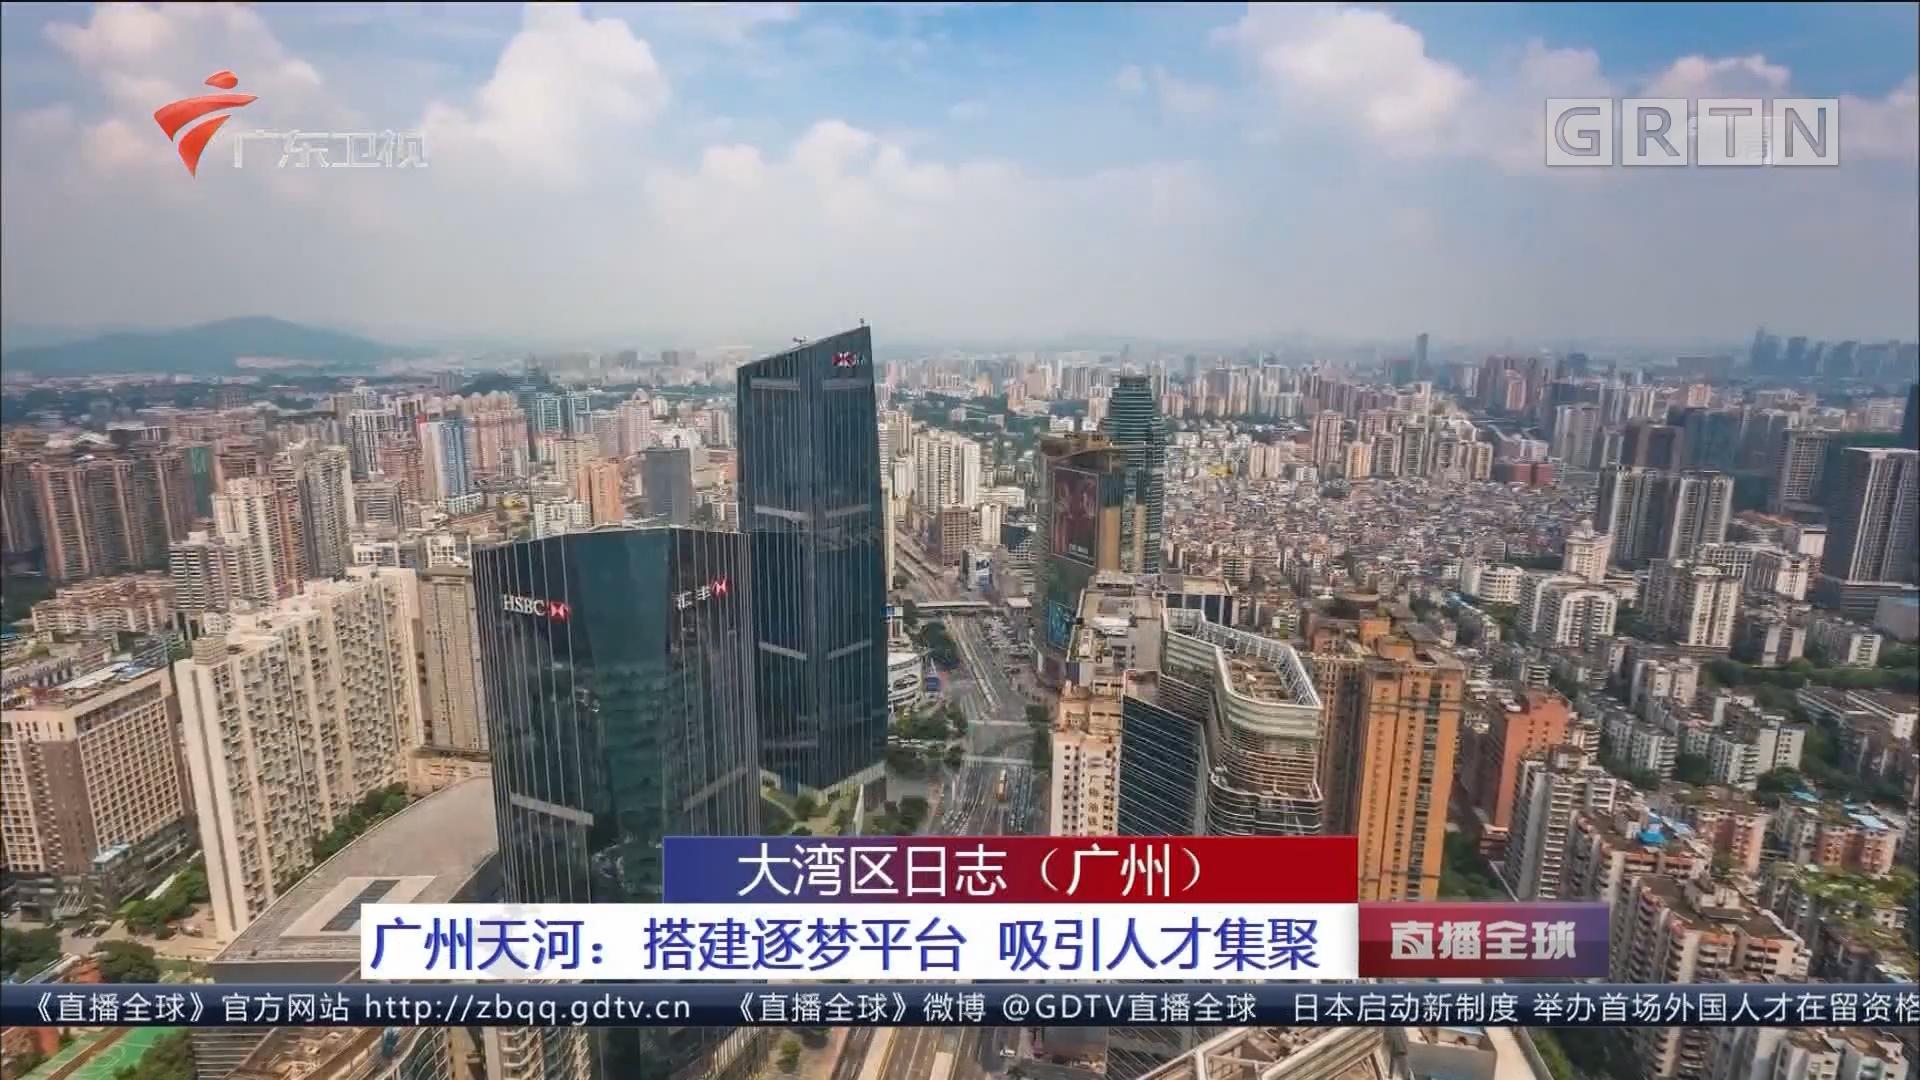 大湾区日志(广州) 广州天河:搭建逐梦平台 吸引人才集聚